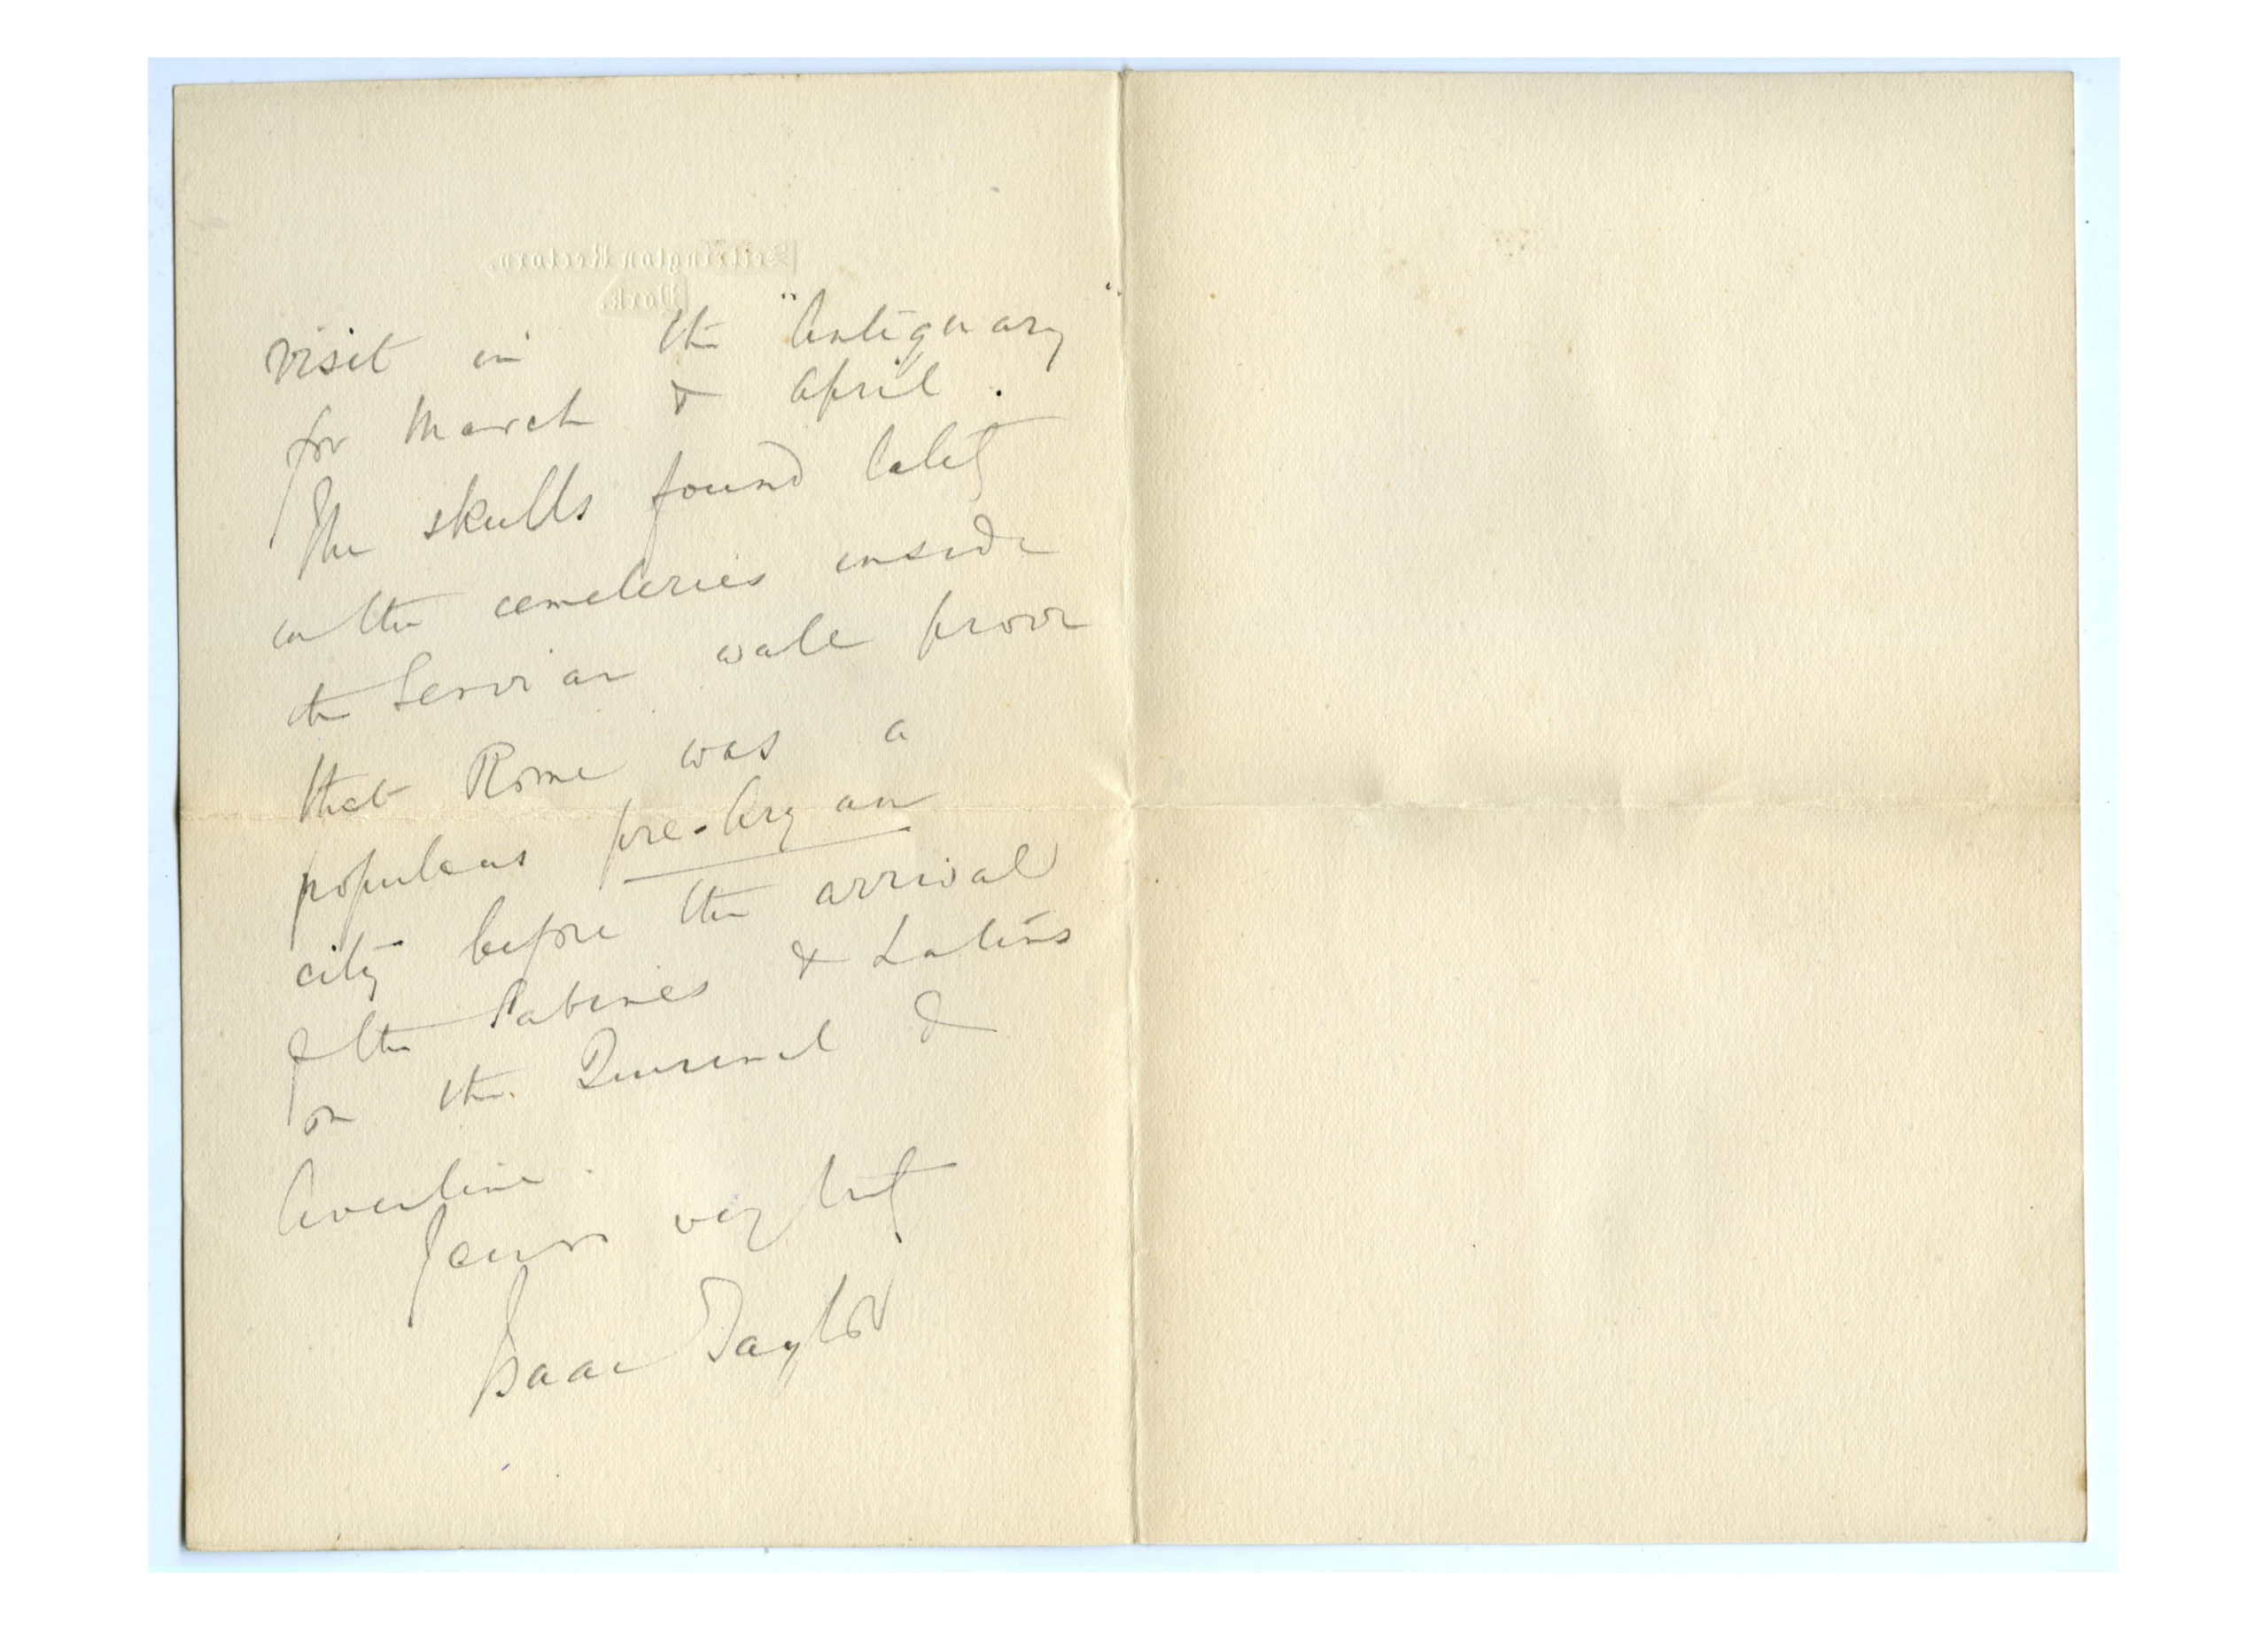 Old letter regarding Henry Jenner